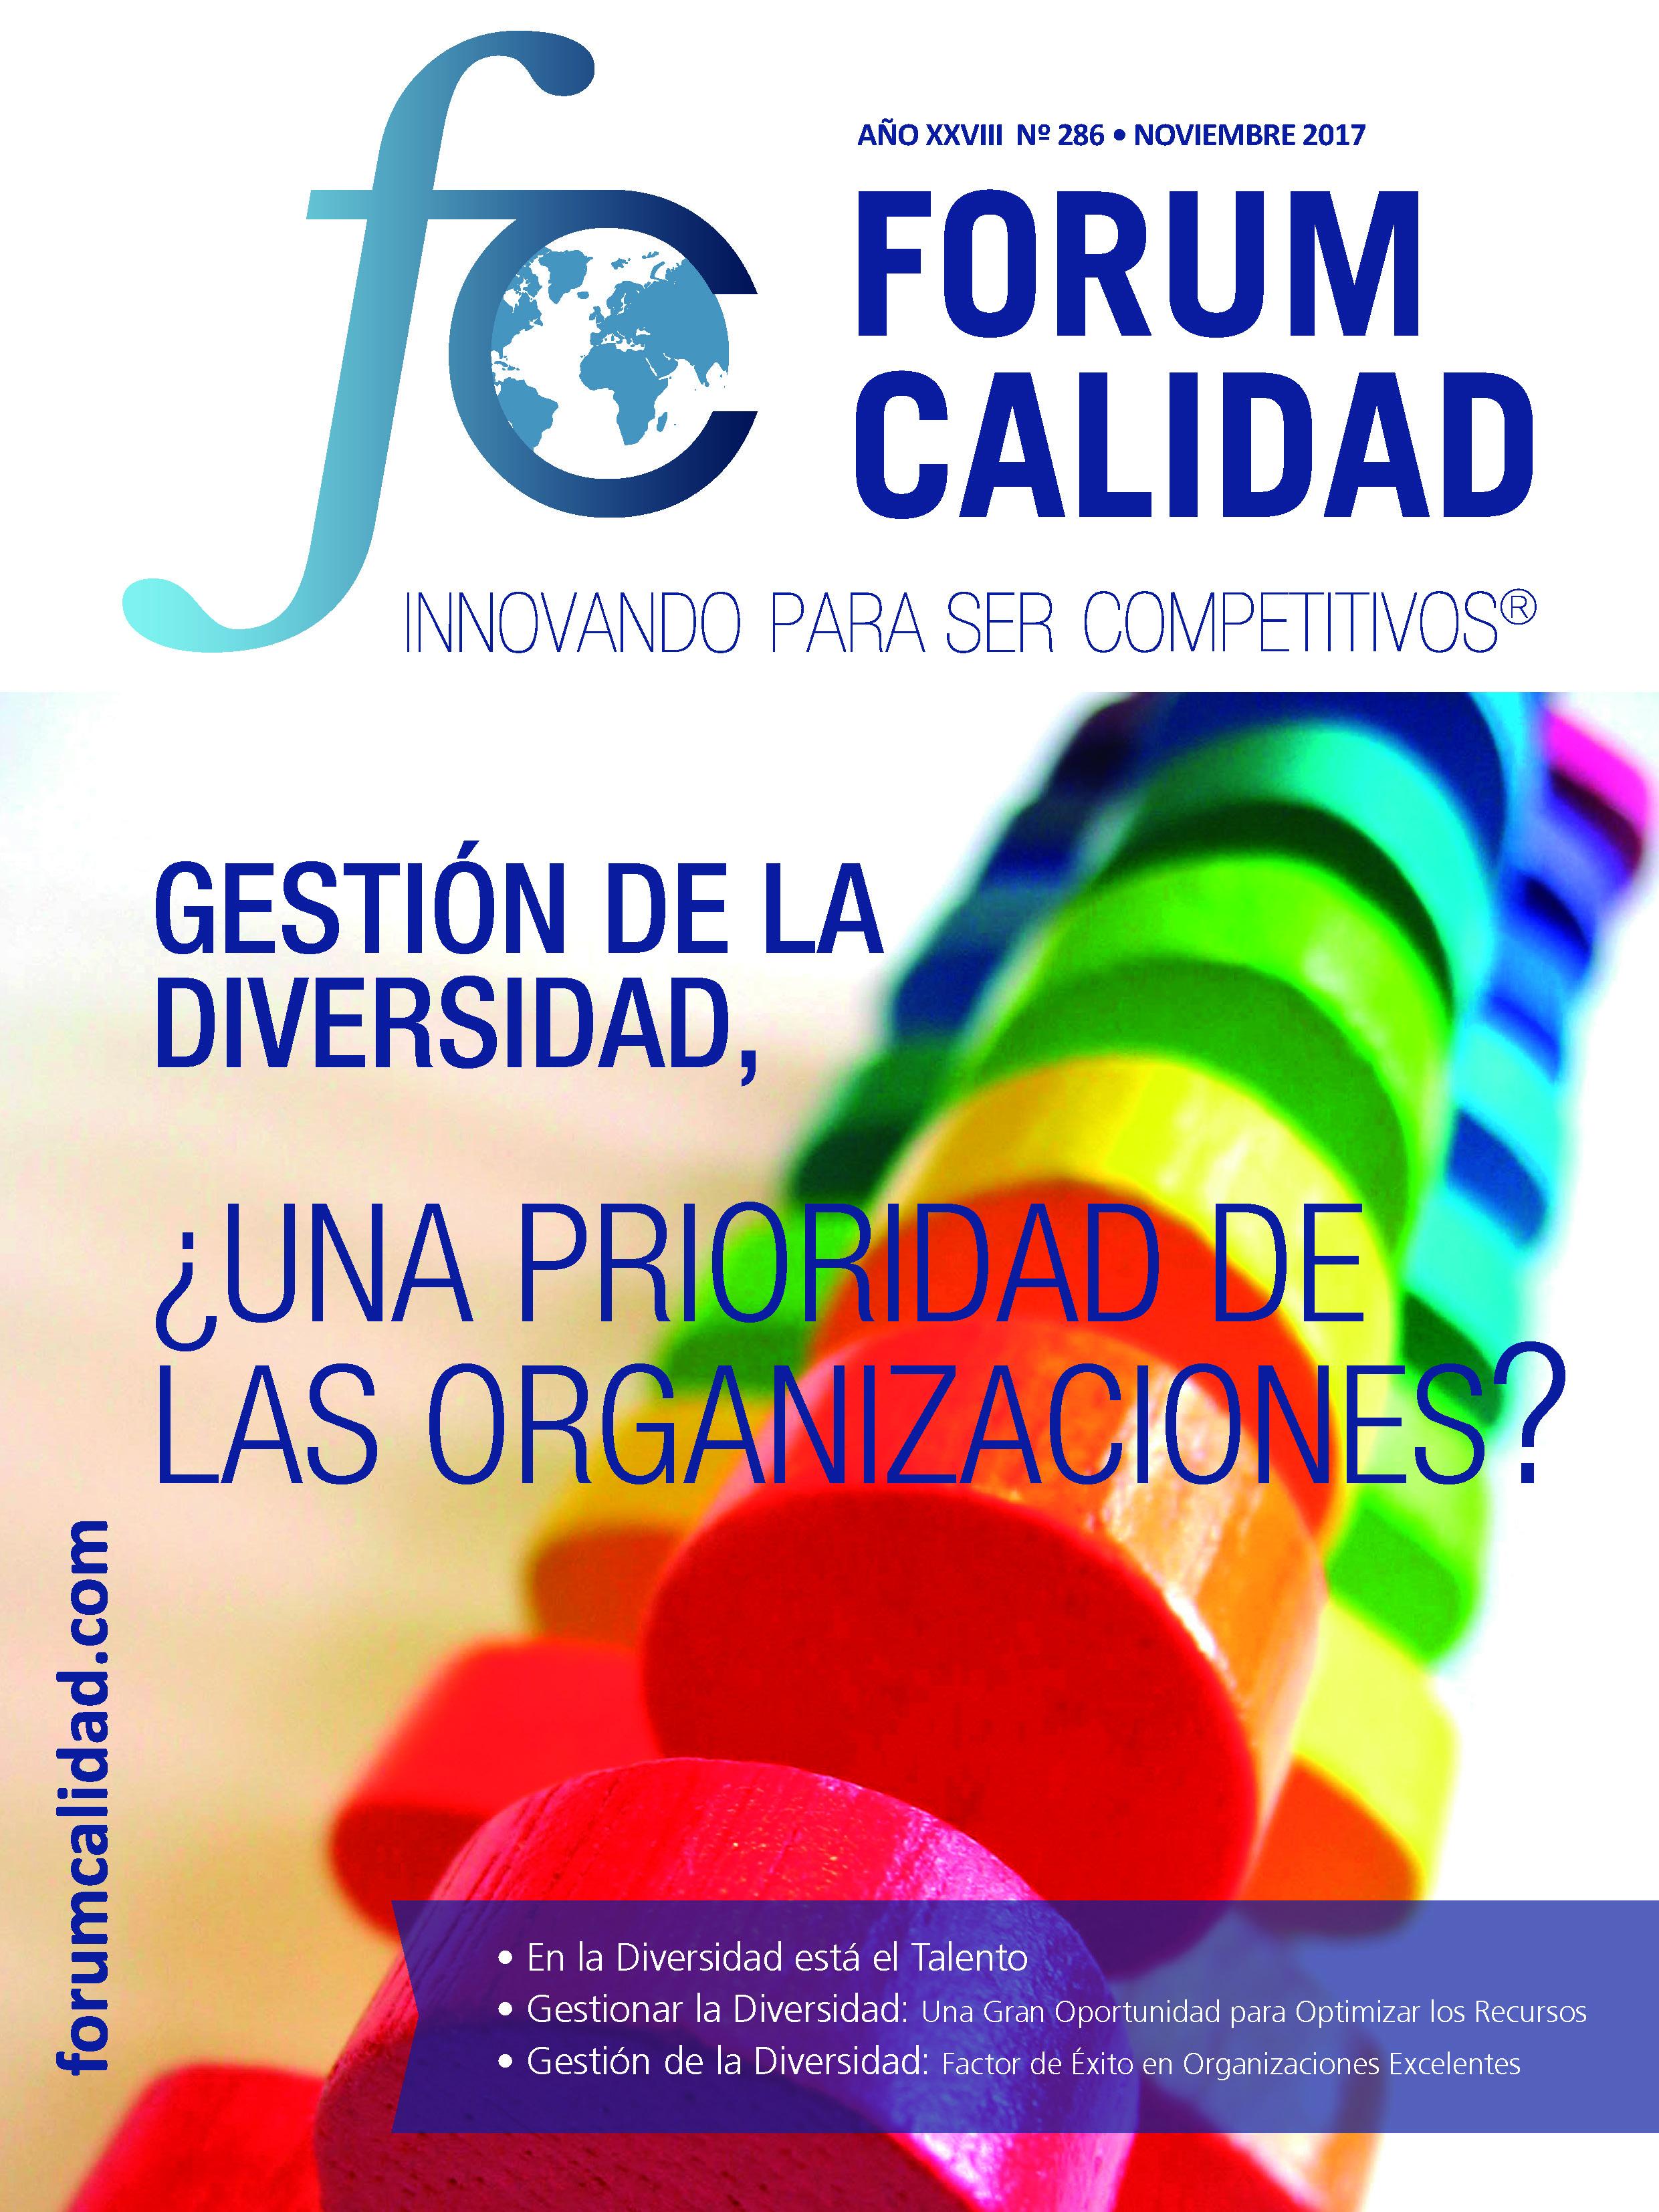 Forum Calidad nº 286 Noviembre 2017